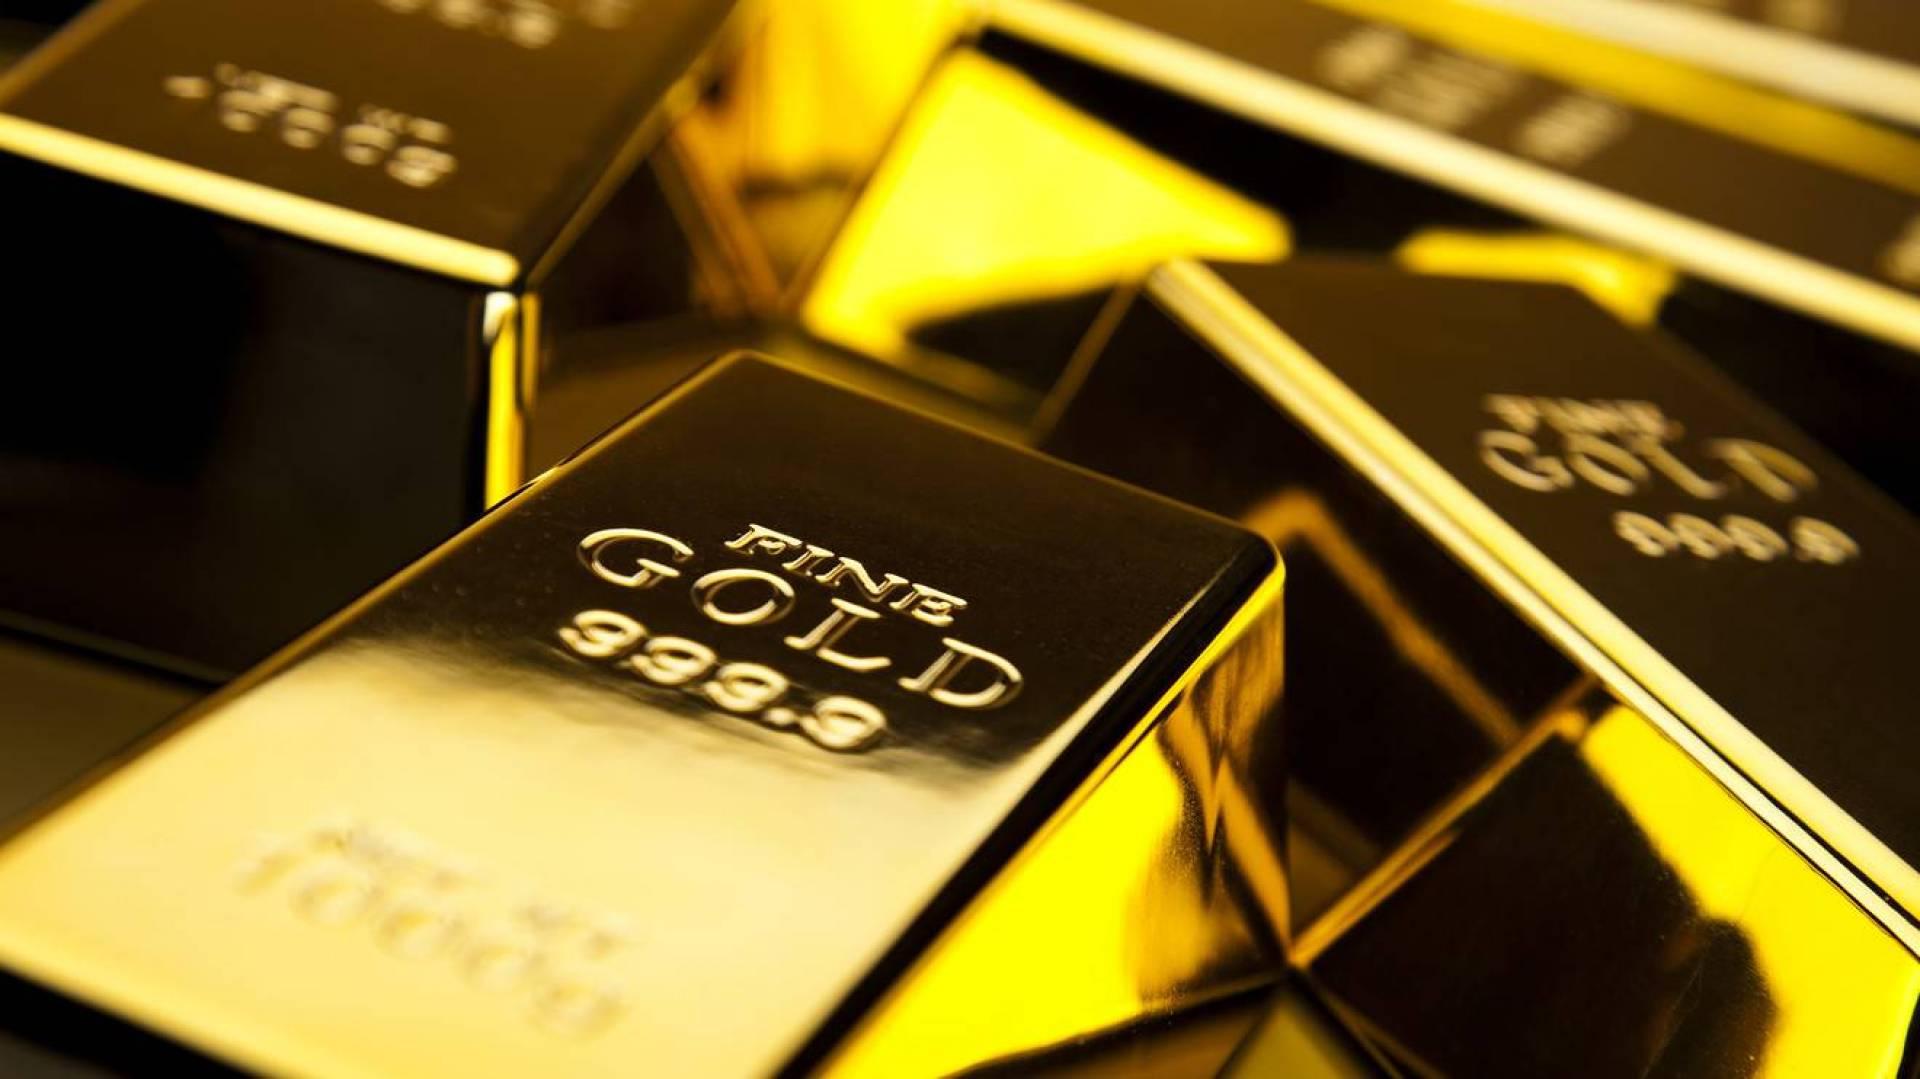 أسعار الذهب تهبط بسبب التوترات ومحادثات التجارة